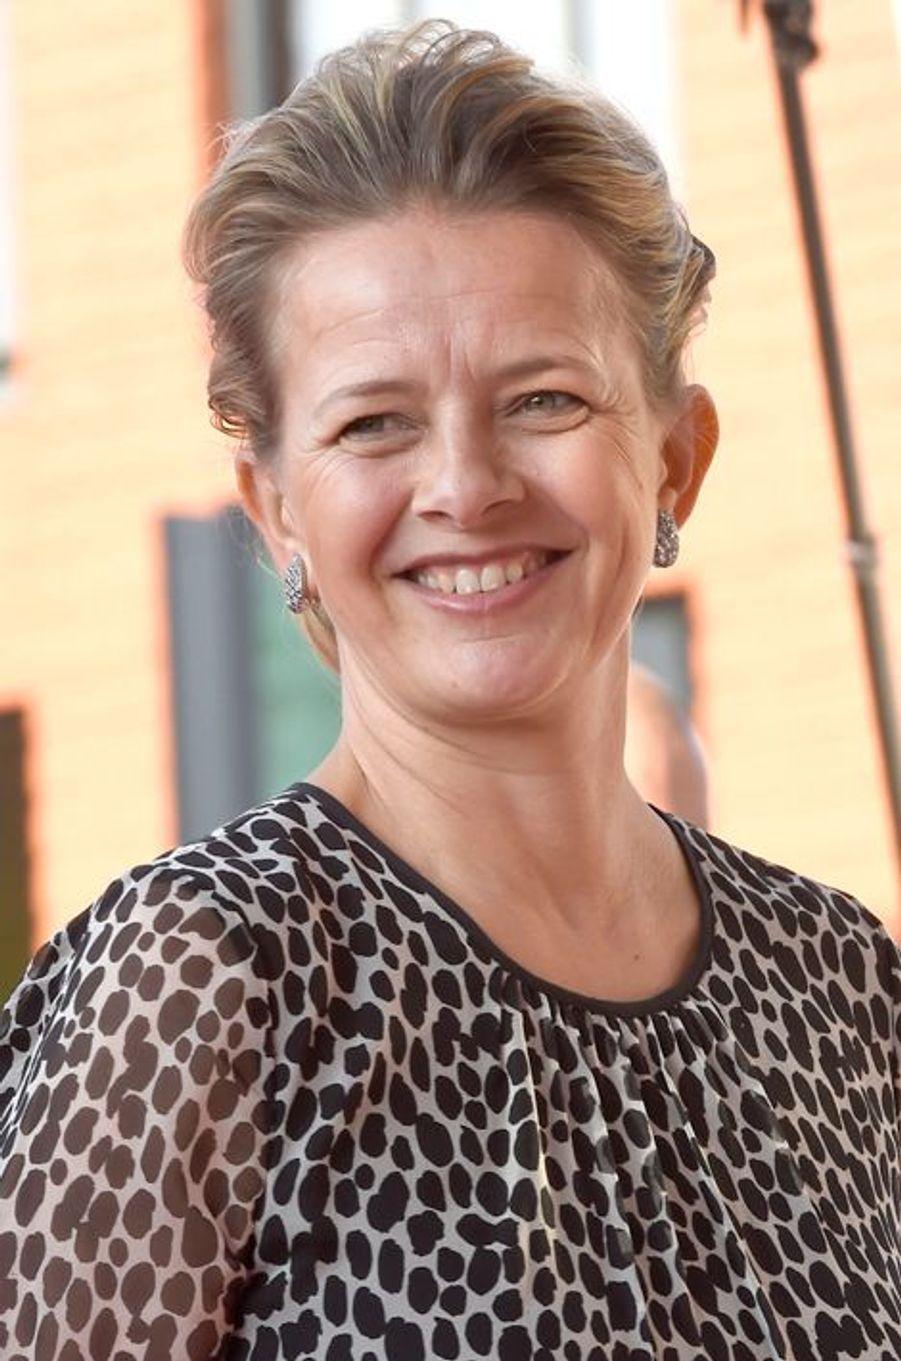 La princesse Mabel des Pays-Bas à Delft, le 16 mars